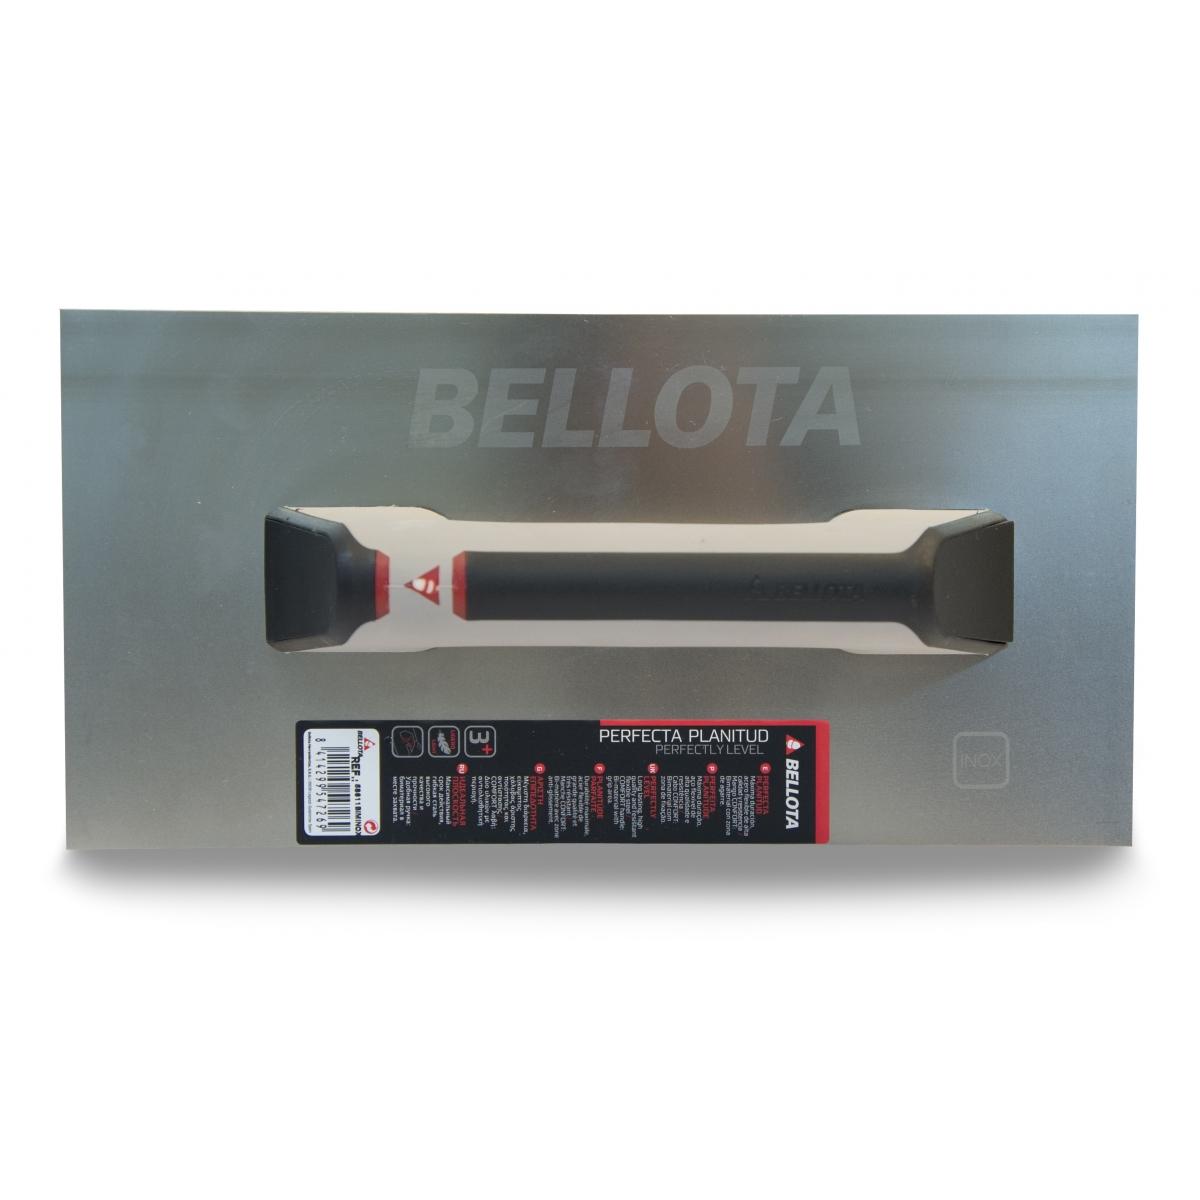 Llana recta de acero inoxidable - Herramientas manuales para la construcción - Marca Bellota